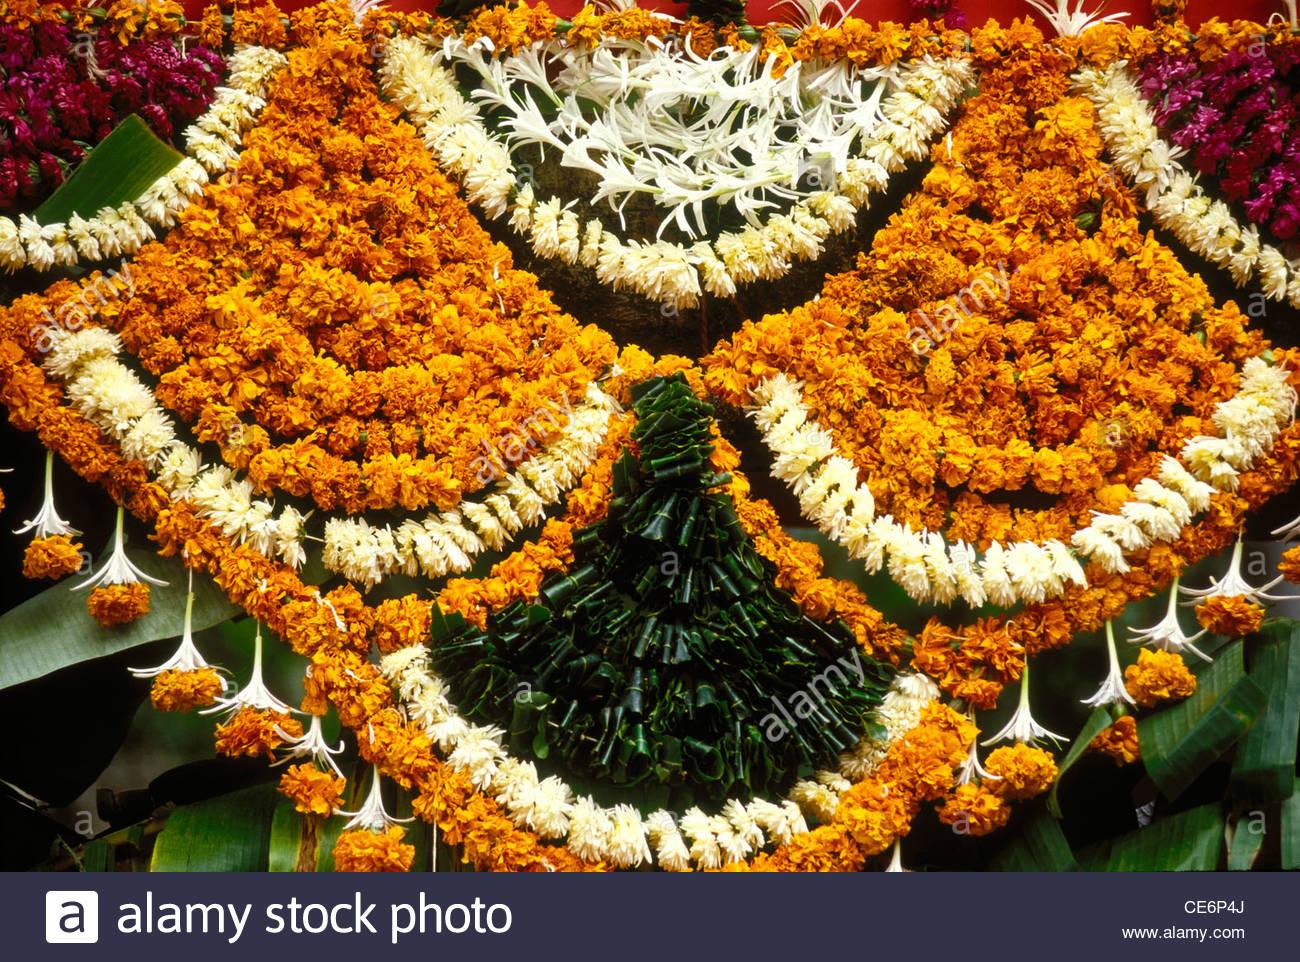 Marigold Orange Flowers Decoration For Entrance Gate Of